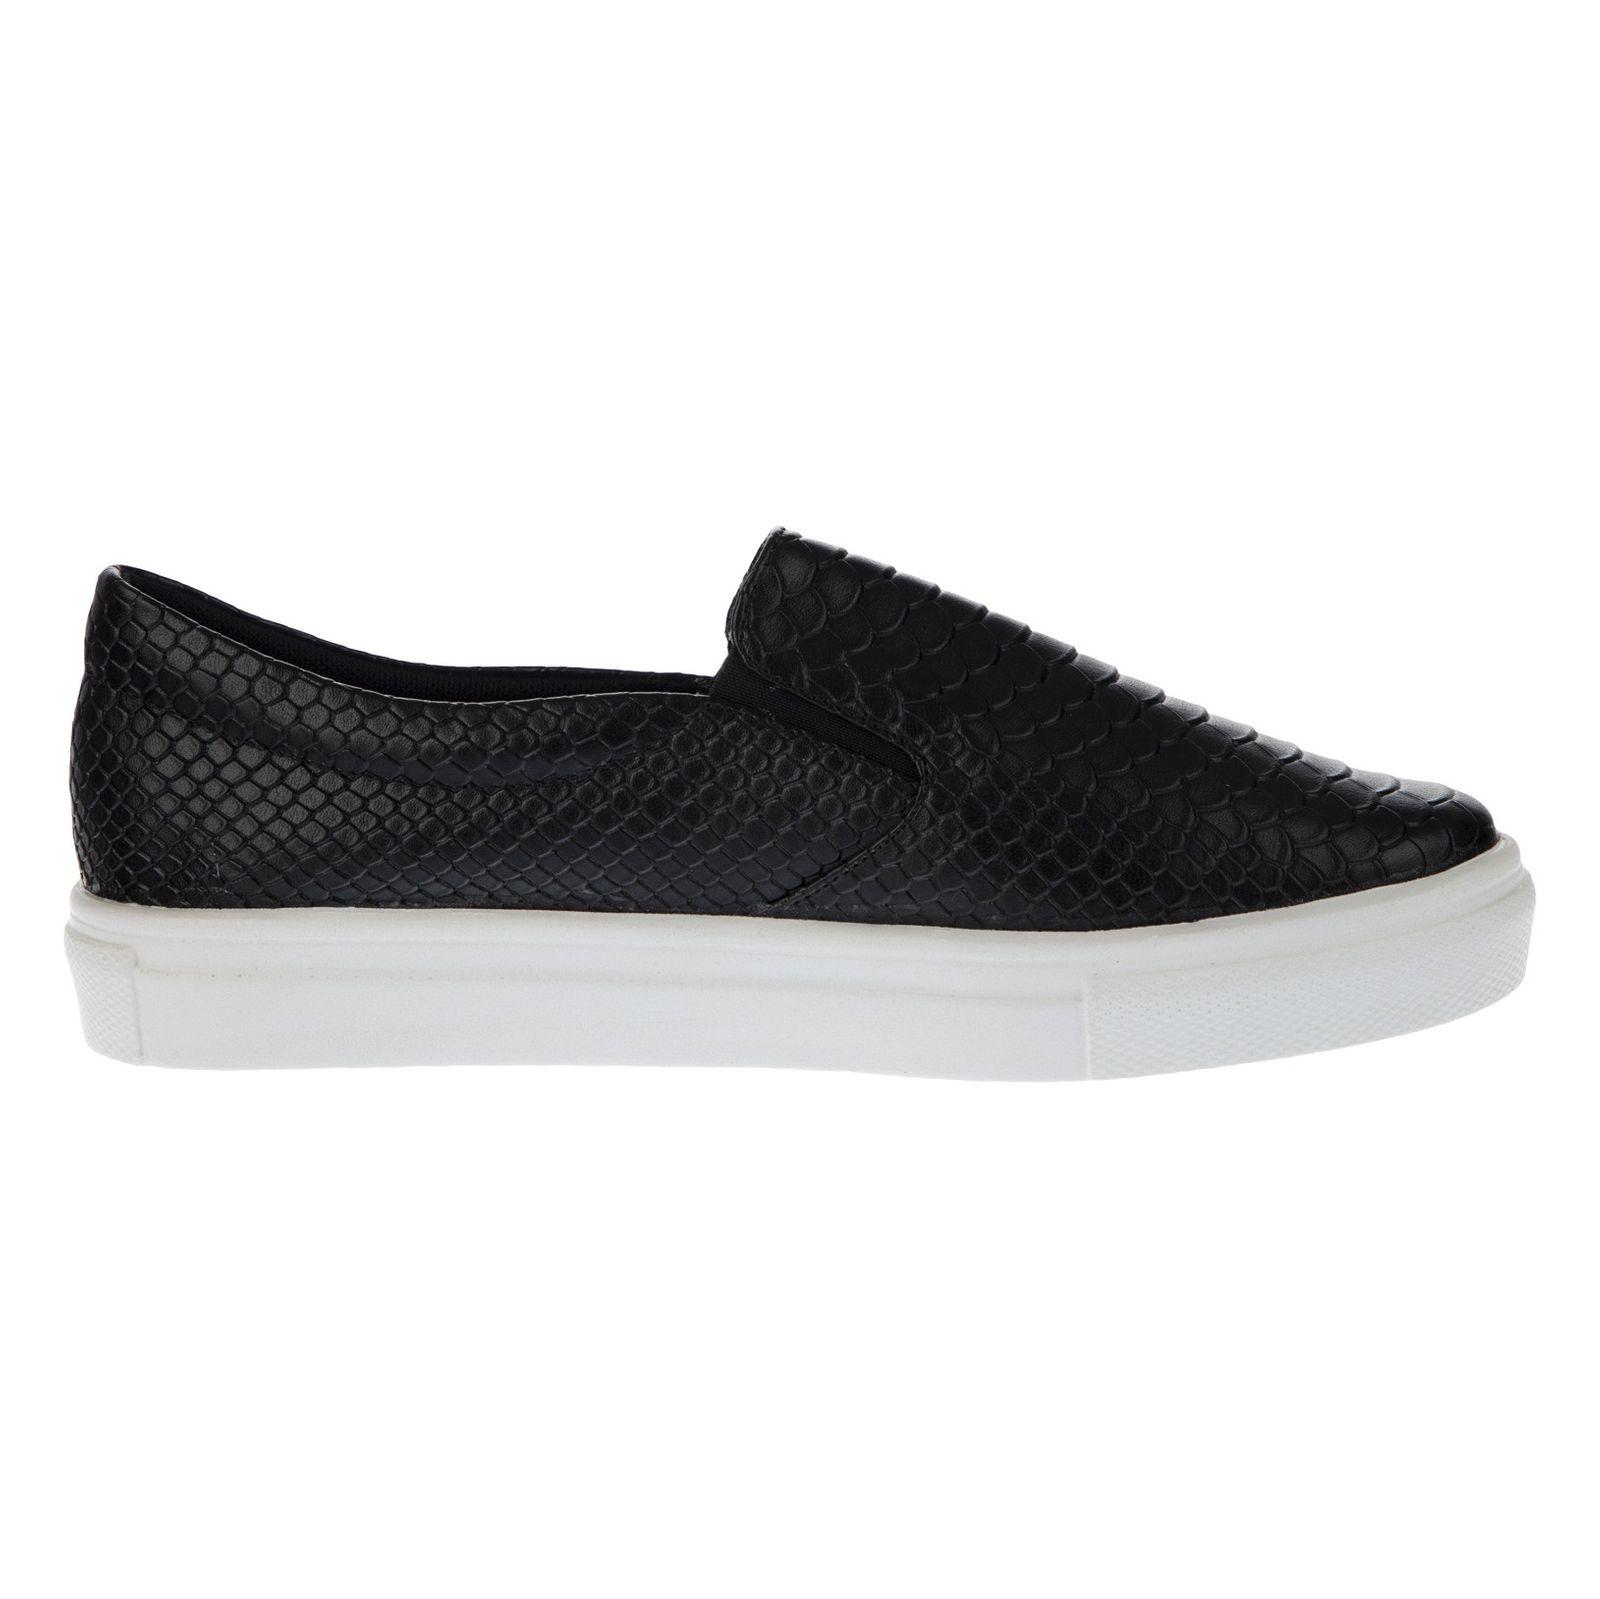 کفش تخت زنانه ام تو مدل 316-0001 -  - 4